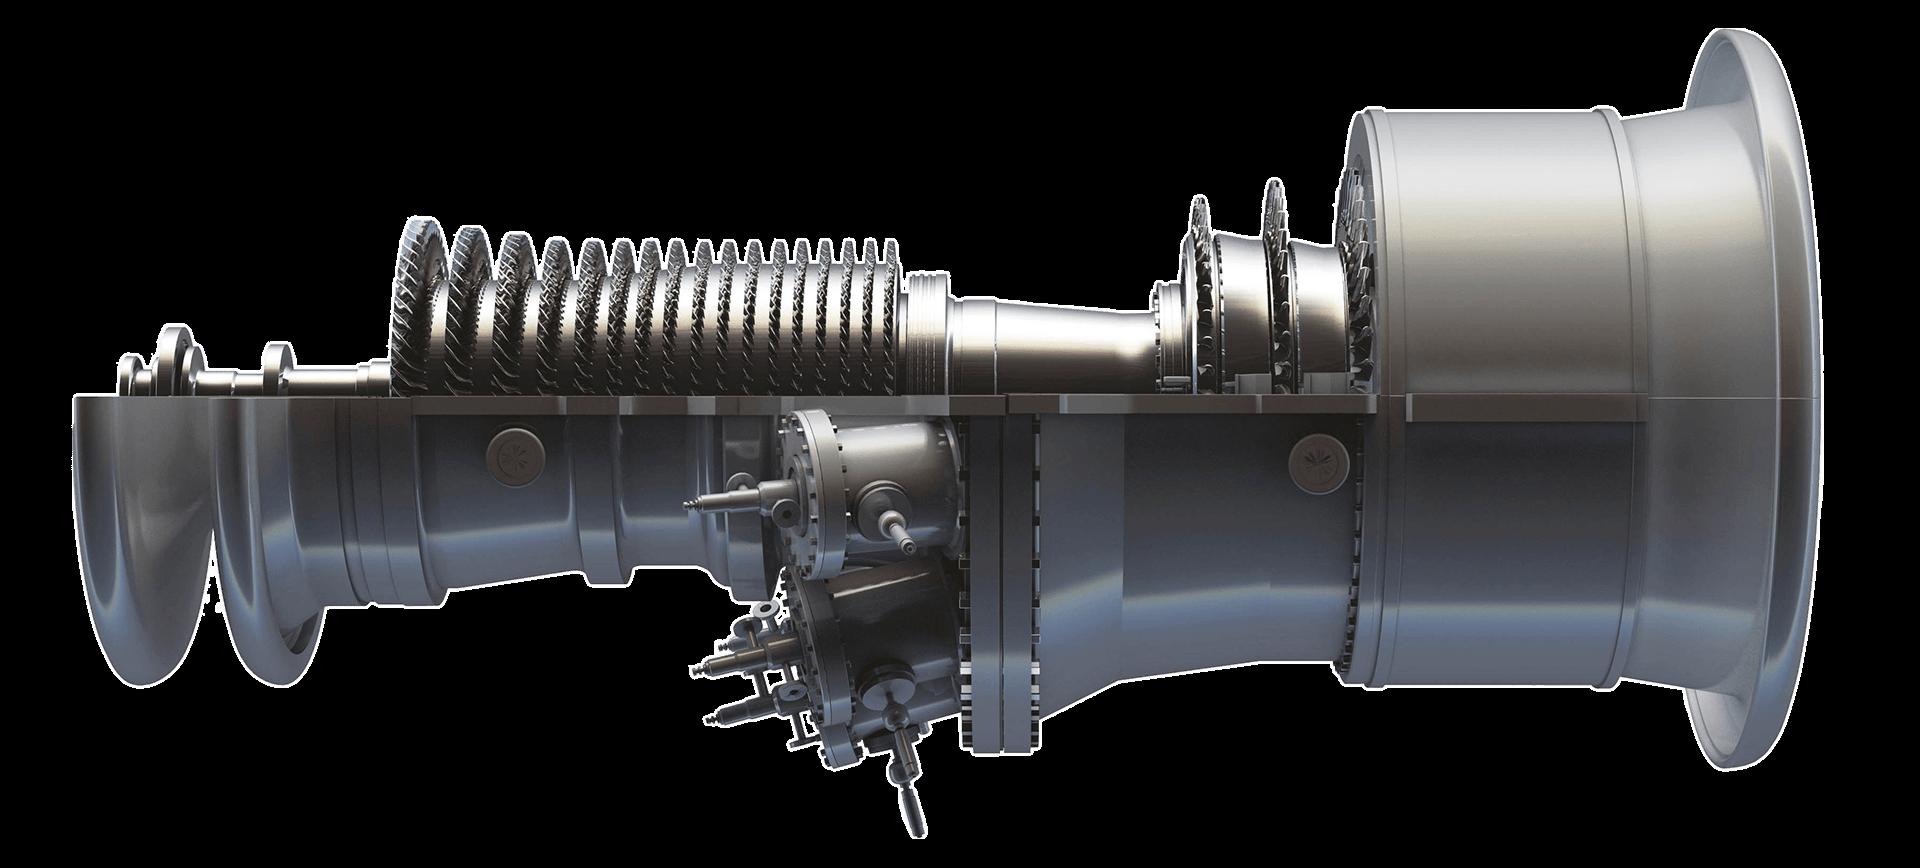 6B.03 Gas Turbine | Heavy Duty Gas Turbine | GE Gas Power